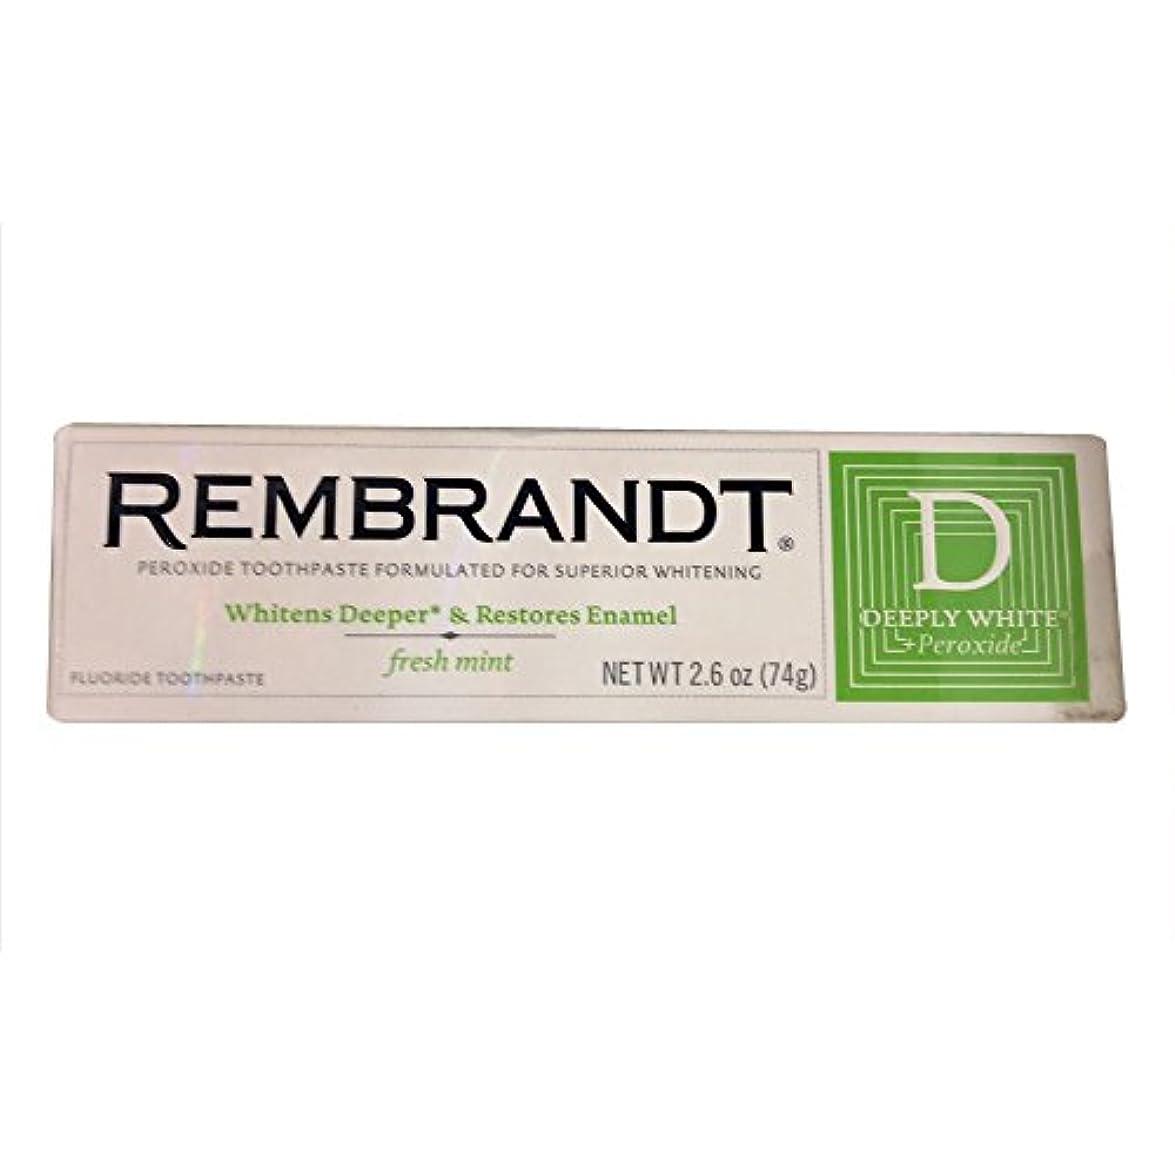 朝急流トレッドRembrandt プラス深くホワイトプラス過酸化フッ化物の歯磨き粉フレッシュミント、2.6オズ、(12パック) 12のパック